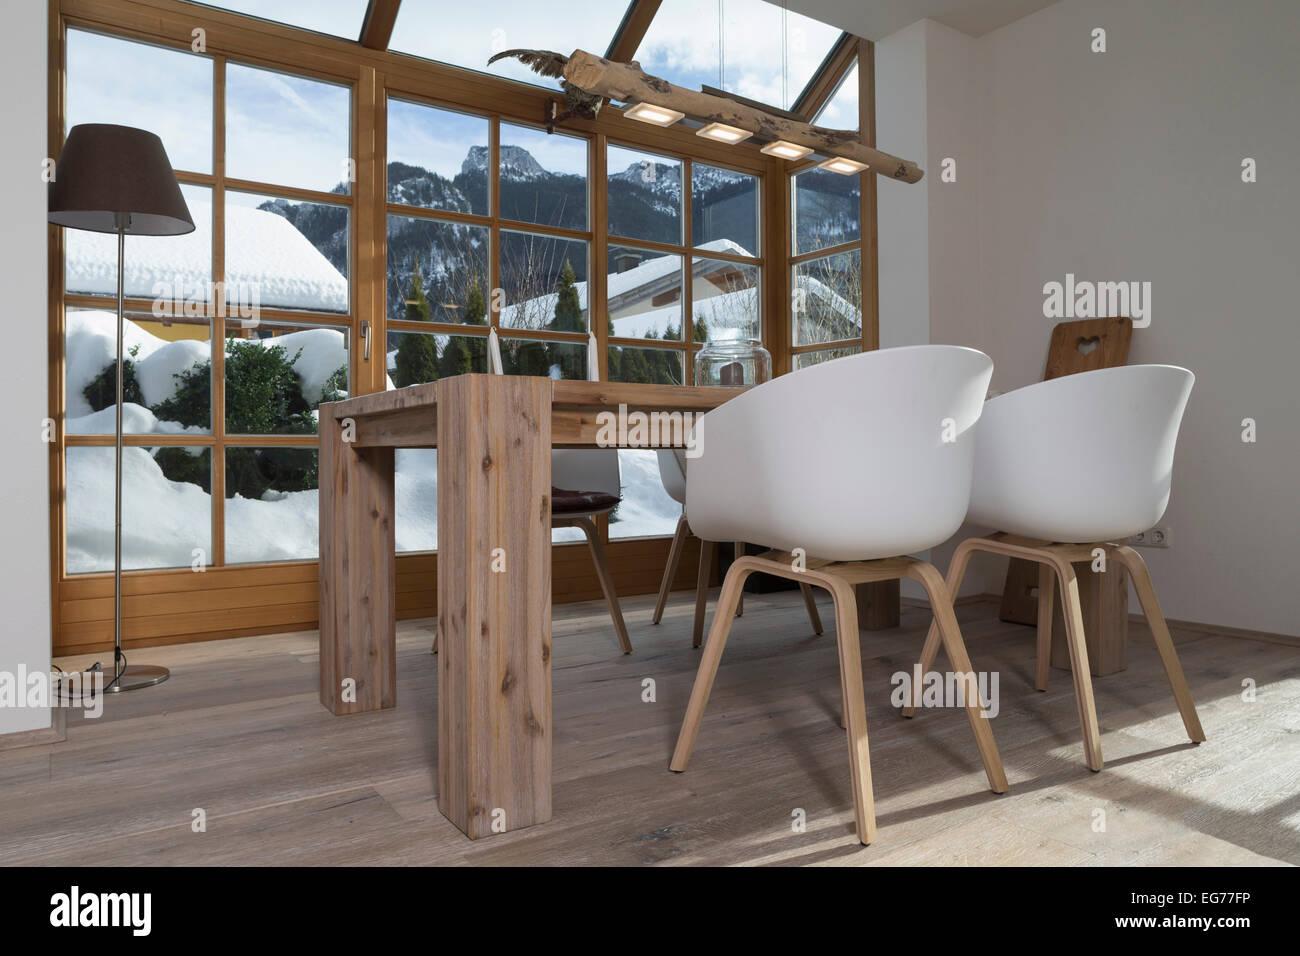 Perfekt Esstisch In Und Design Stühle Im Wohnzimmer